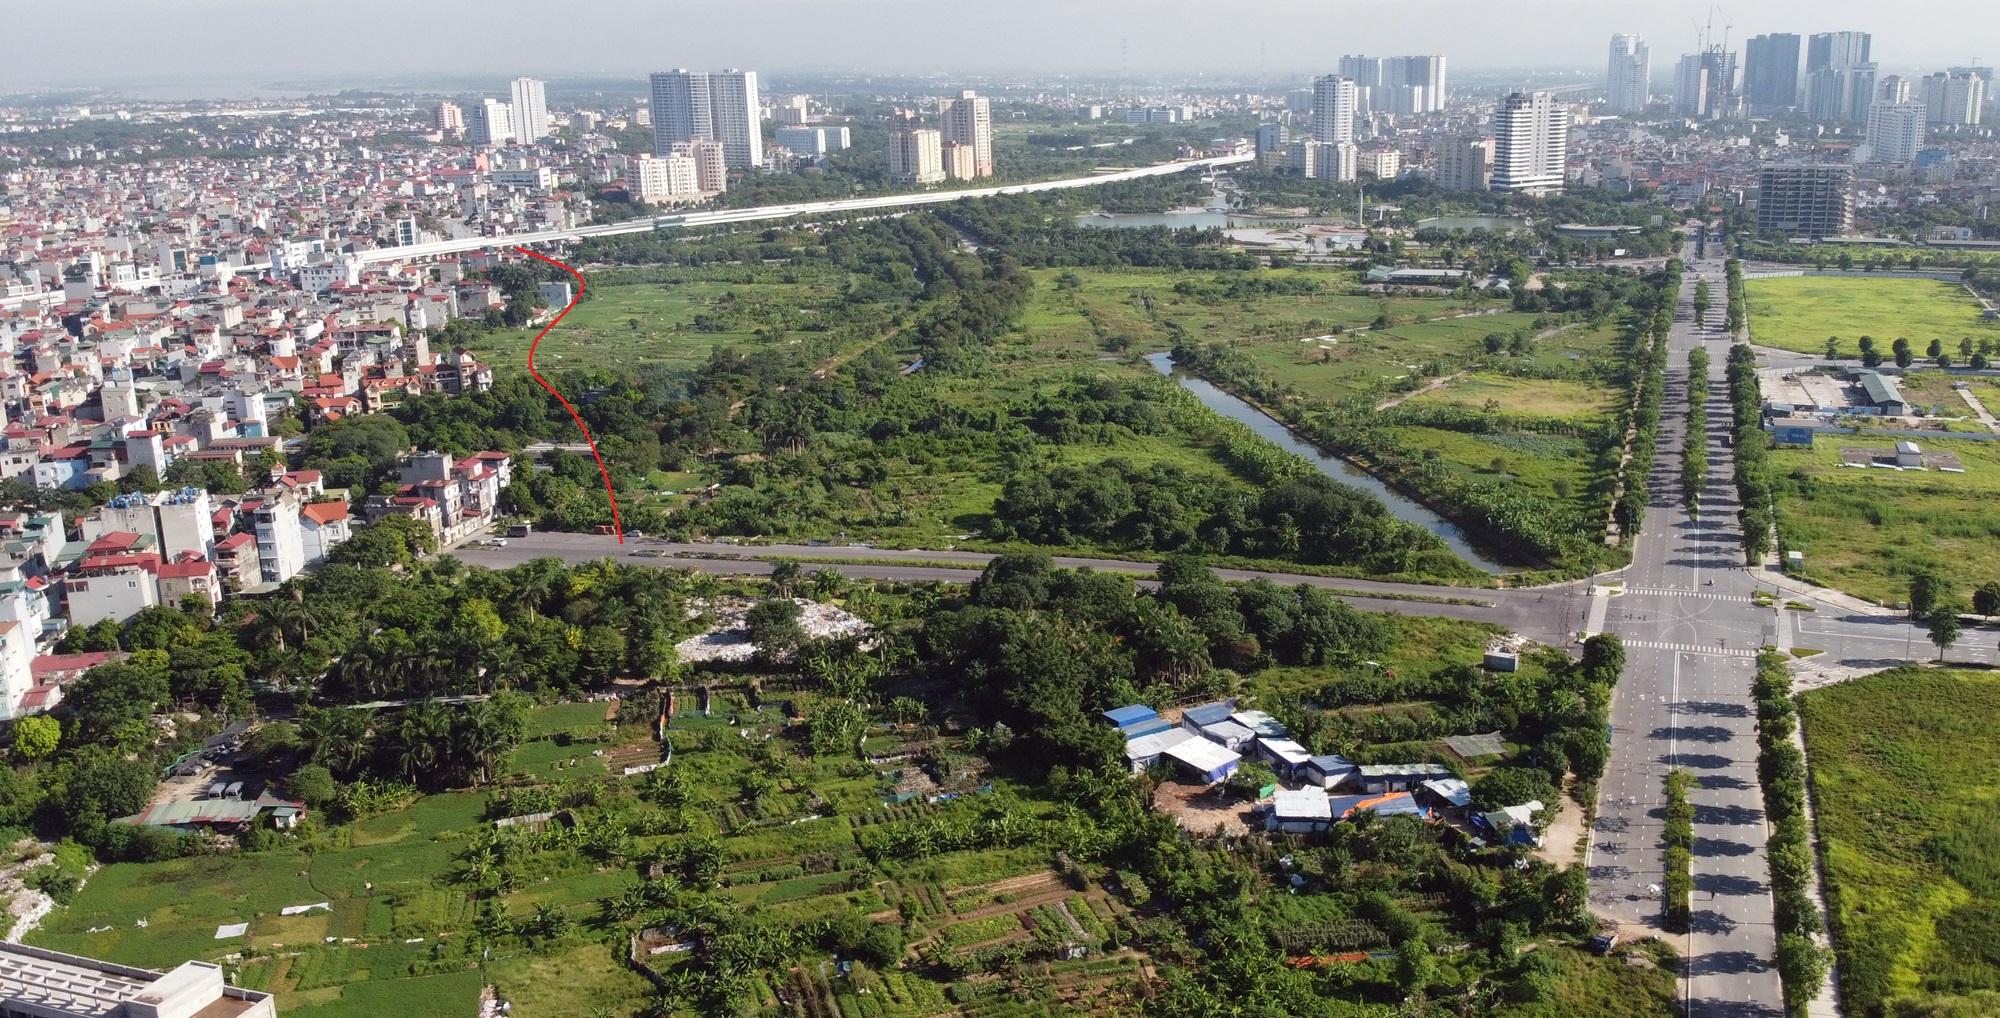 4 đường sẽ mở theo qui hoạch ở phường Cổ Nhuế 1, Bắc Từ Liêm, Hà Nội - Ảnh 14.